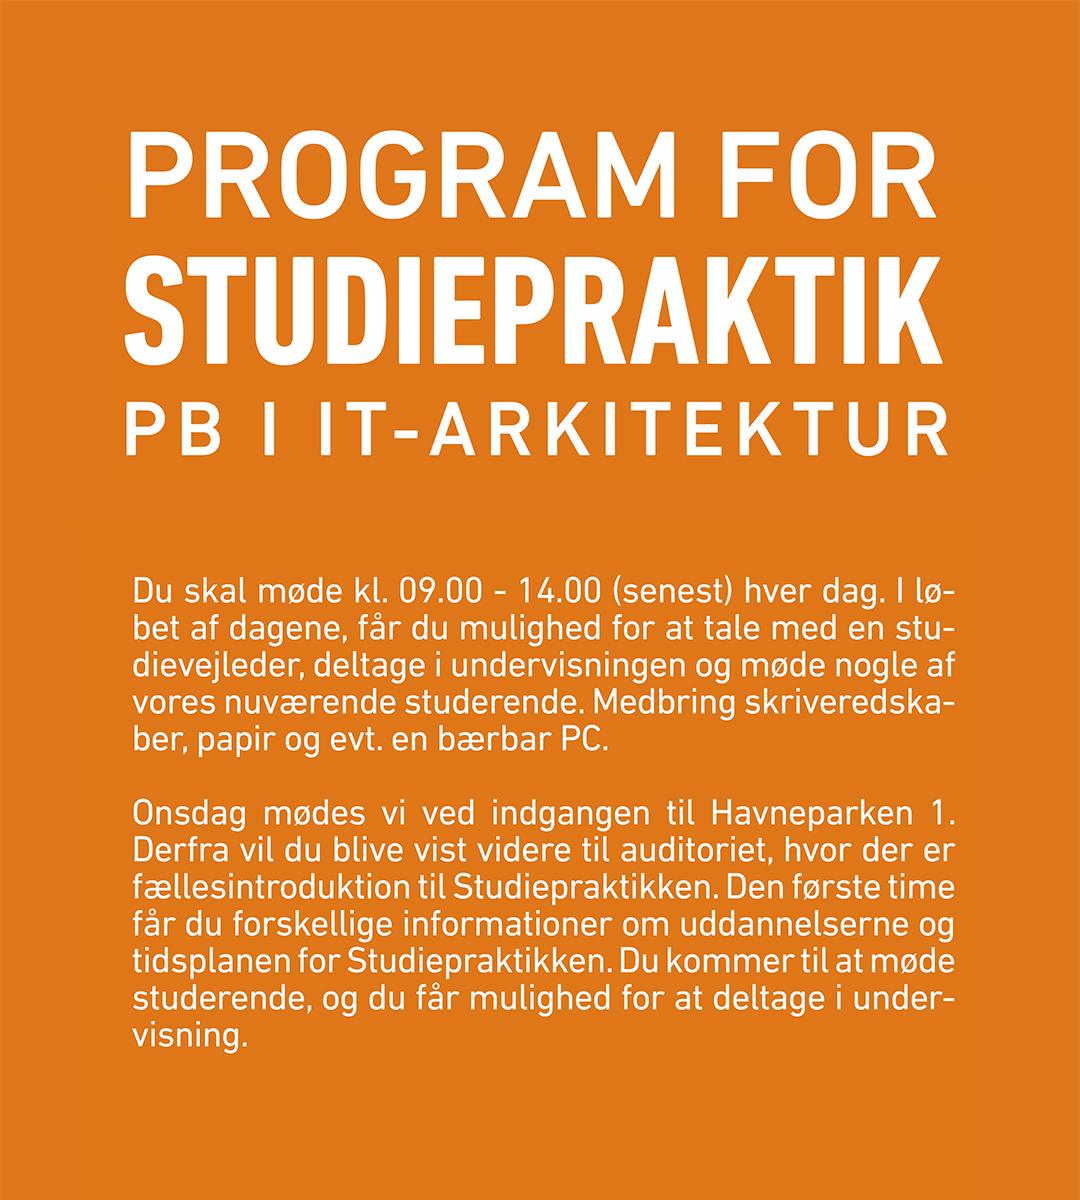 Program for studiepraktik for It-Arkitetktur.